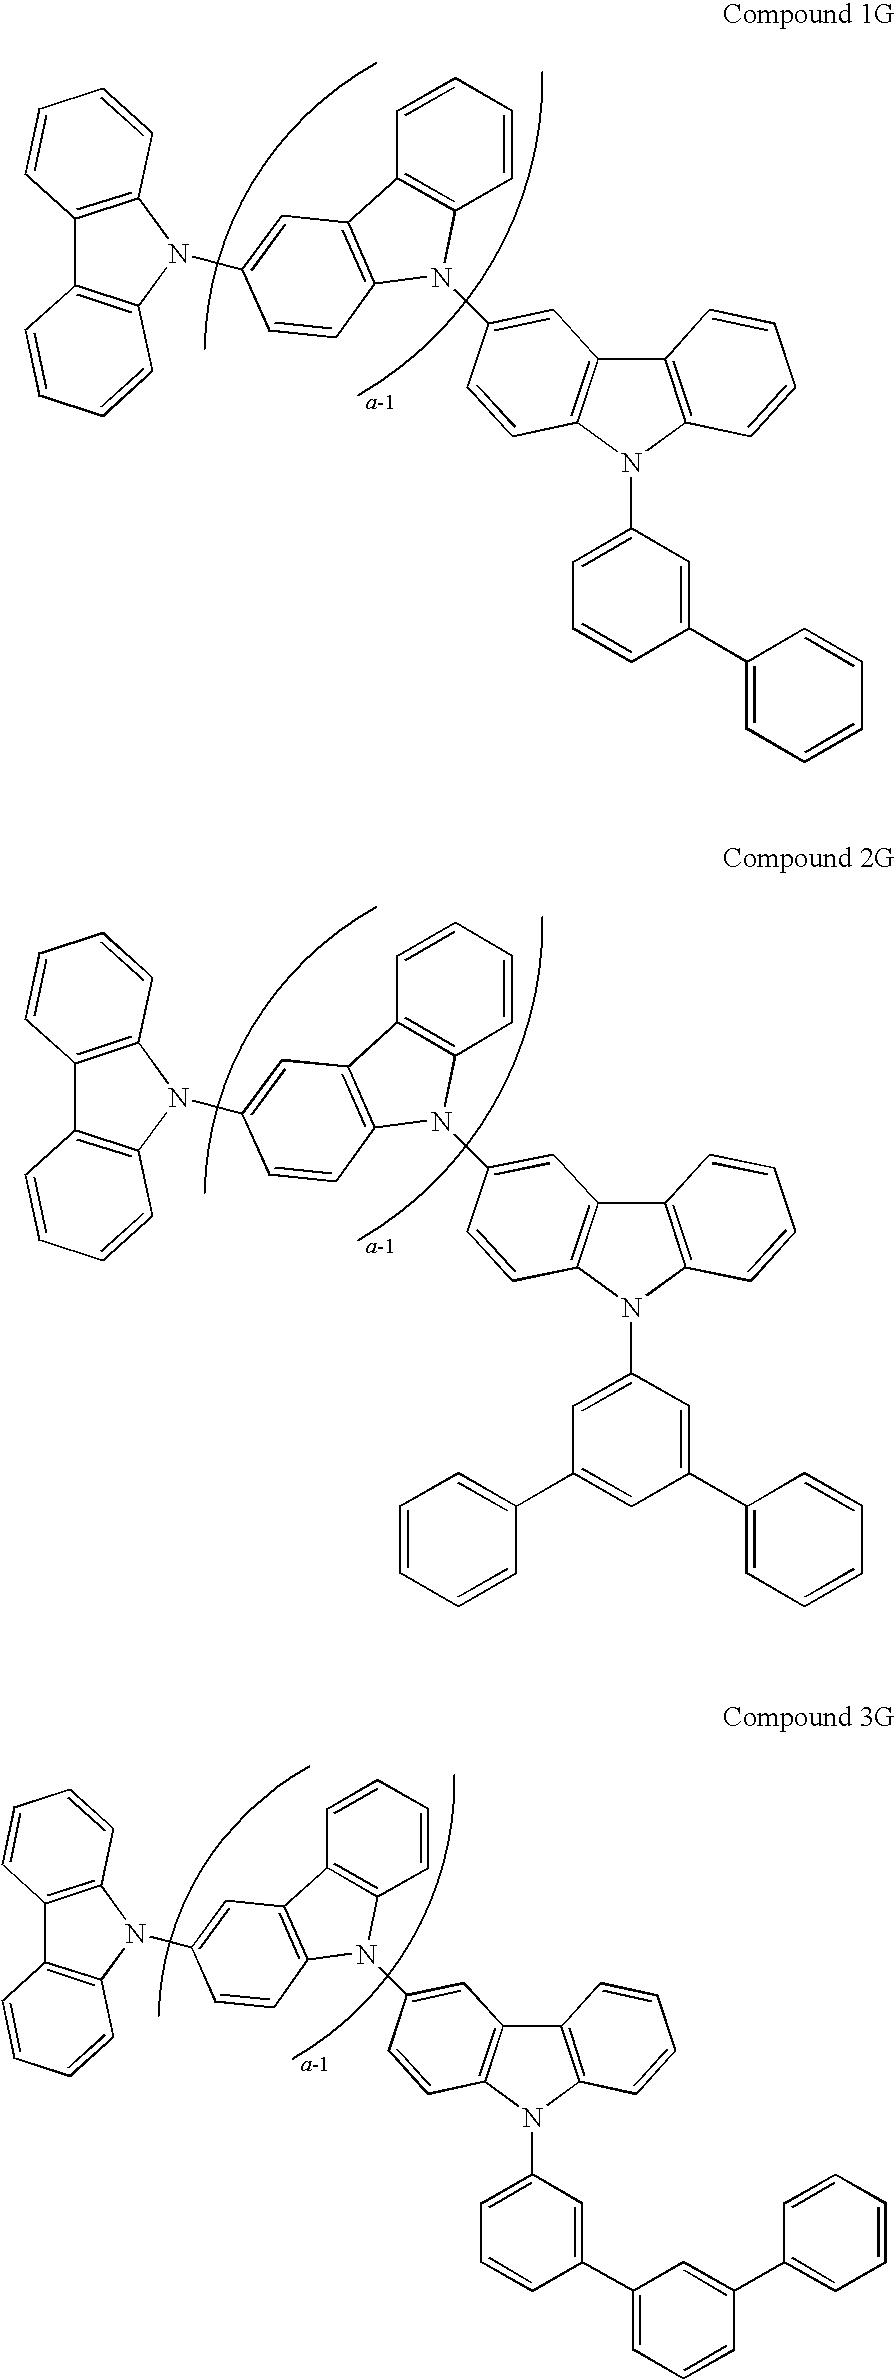 Figure US20090134784A1-20090528-C00200